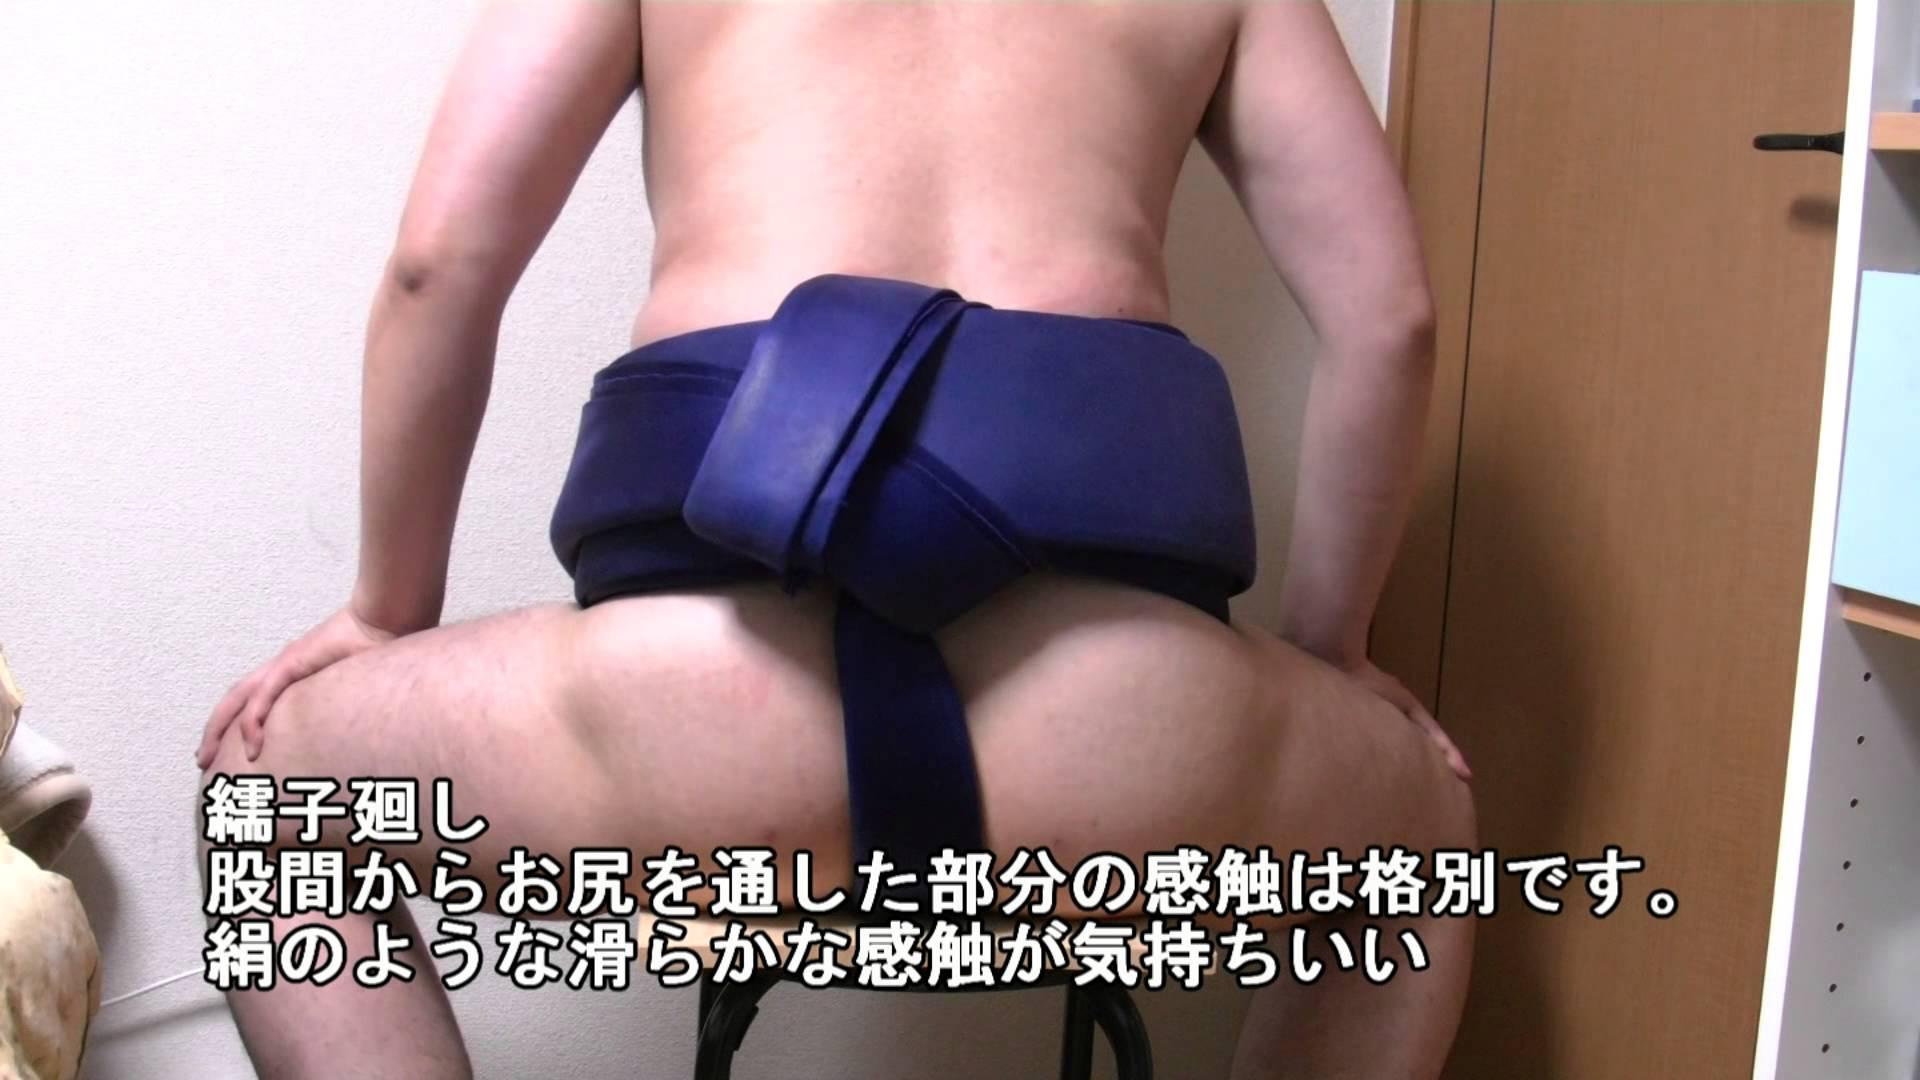 おおおっと!きわどい!大相撲のまわしを締めこむノンケ君の姿を見てみる!